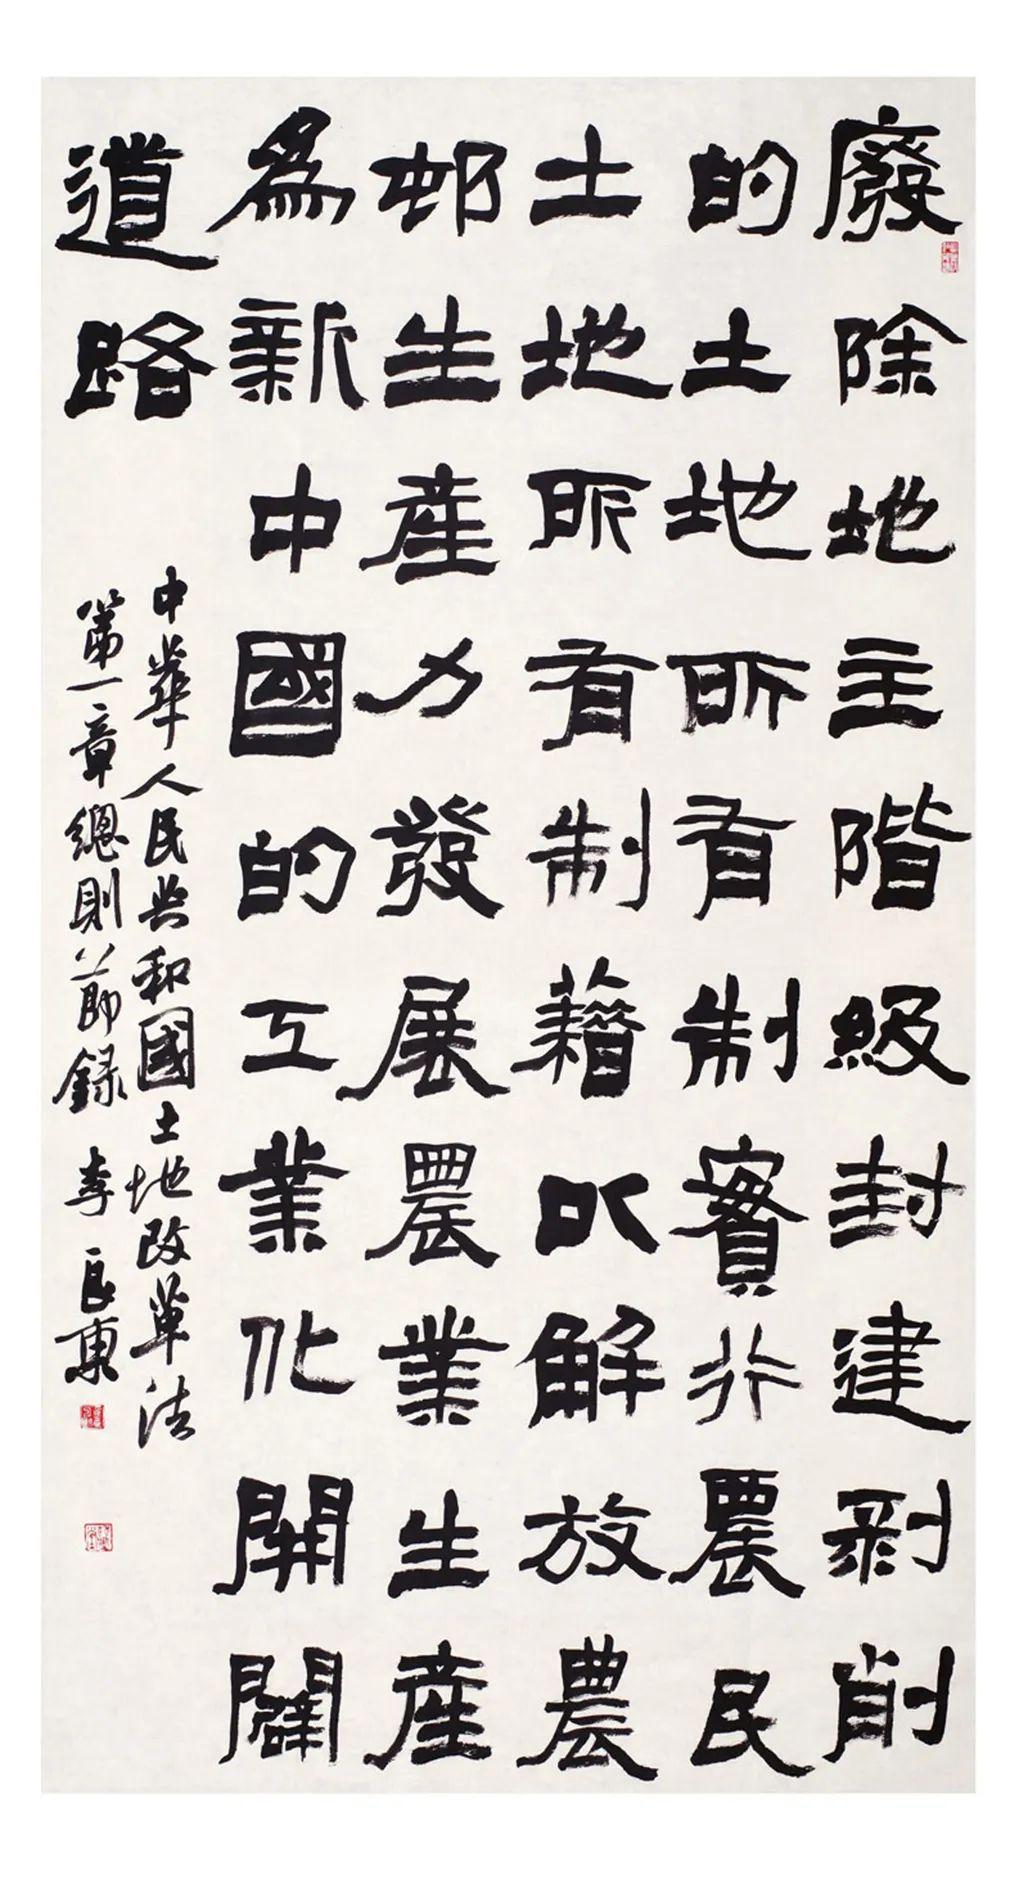 中国力量——全国扶贫书法大展作品 | 第一篇章 :人民至上(图13)